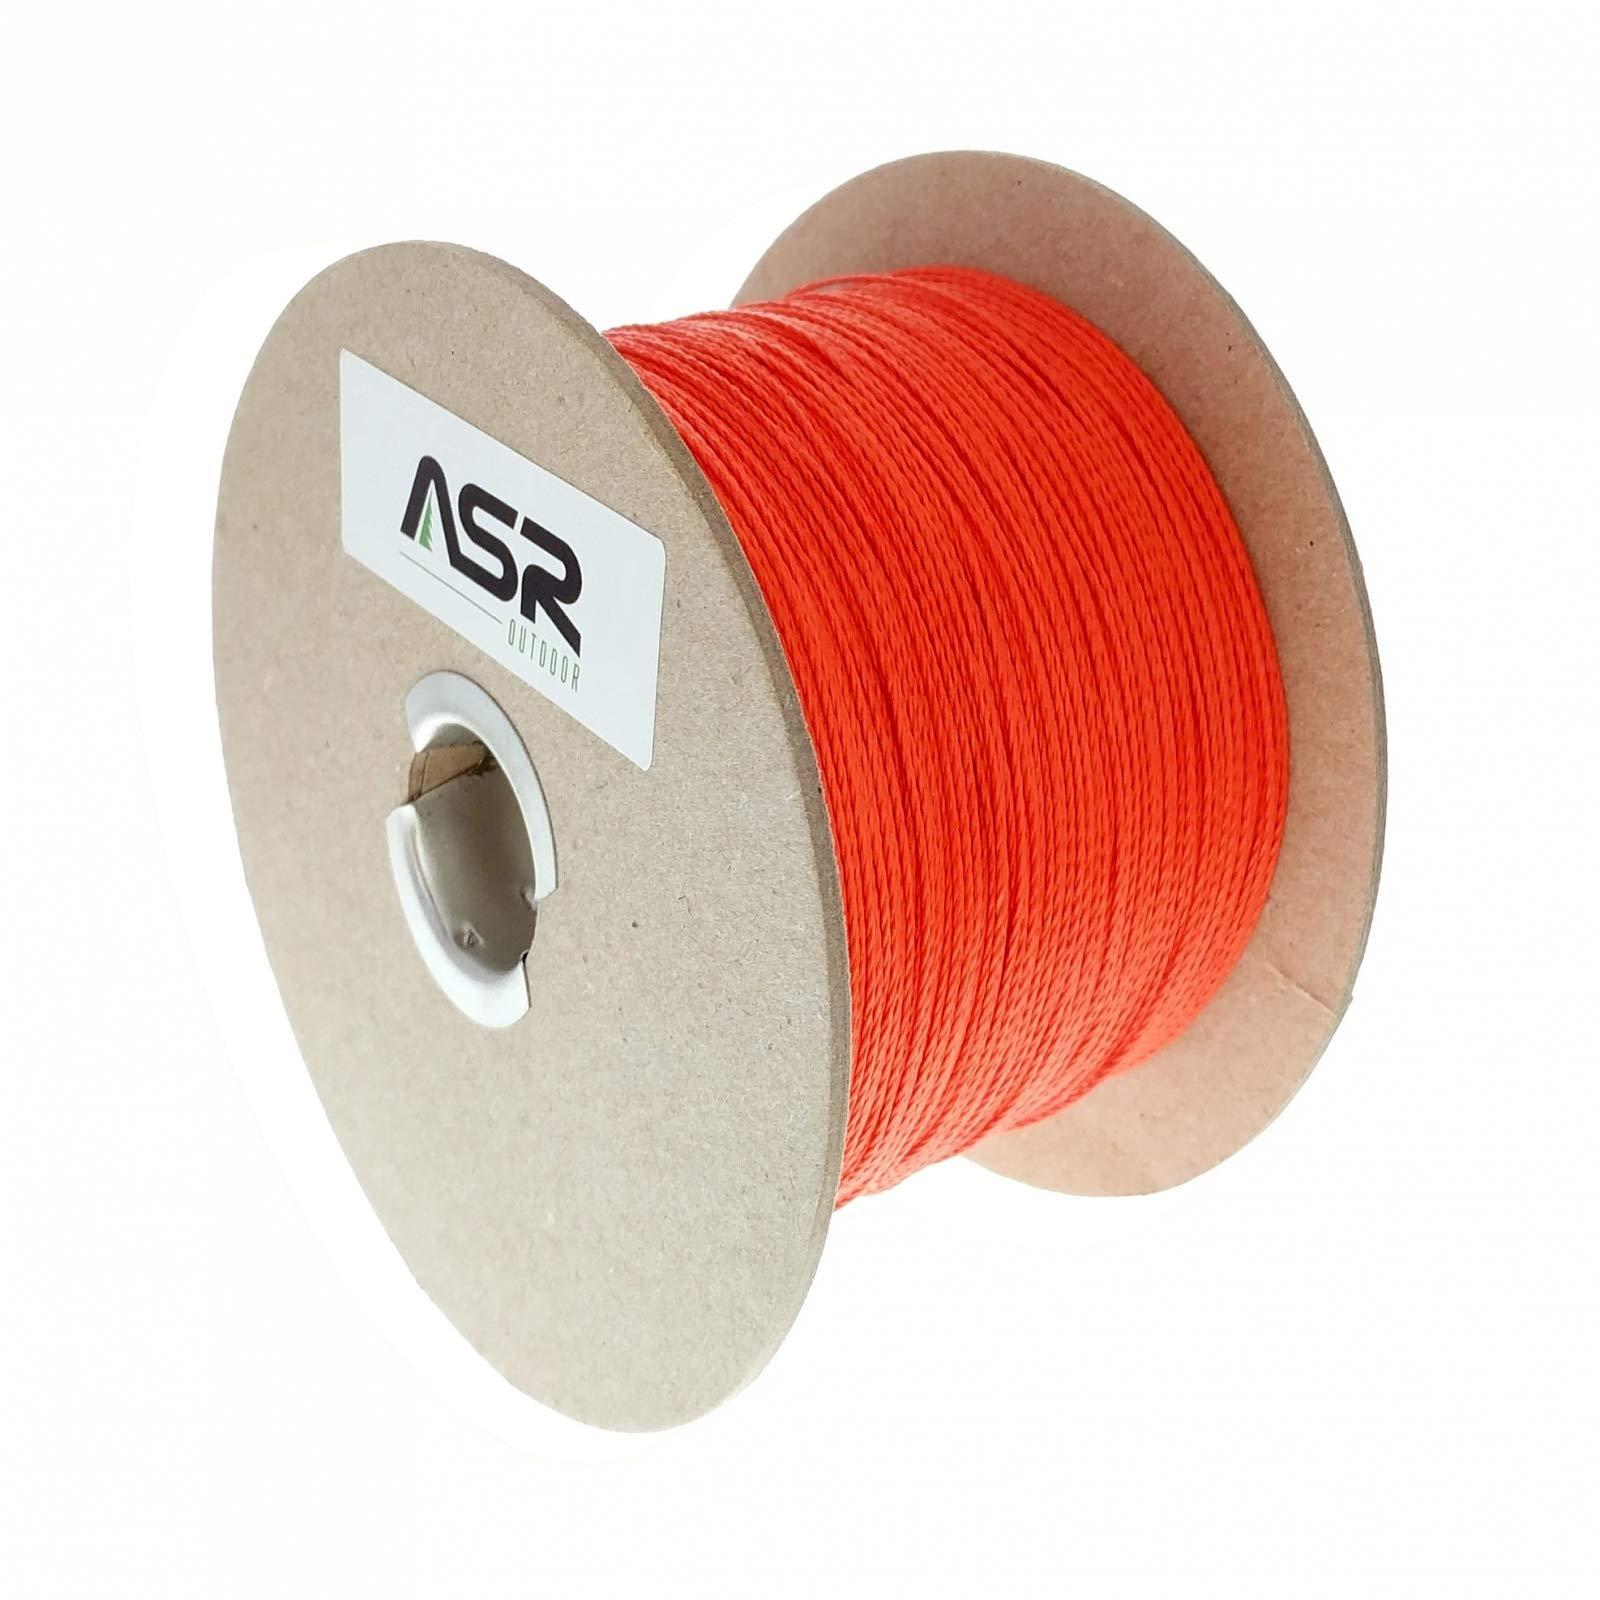 ASR Outdoor Kevlar Sport Line/ Kite Line (500 ft) Orange by ASR Outdoor